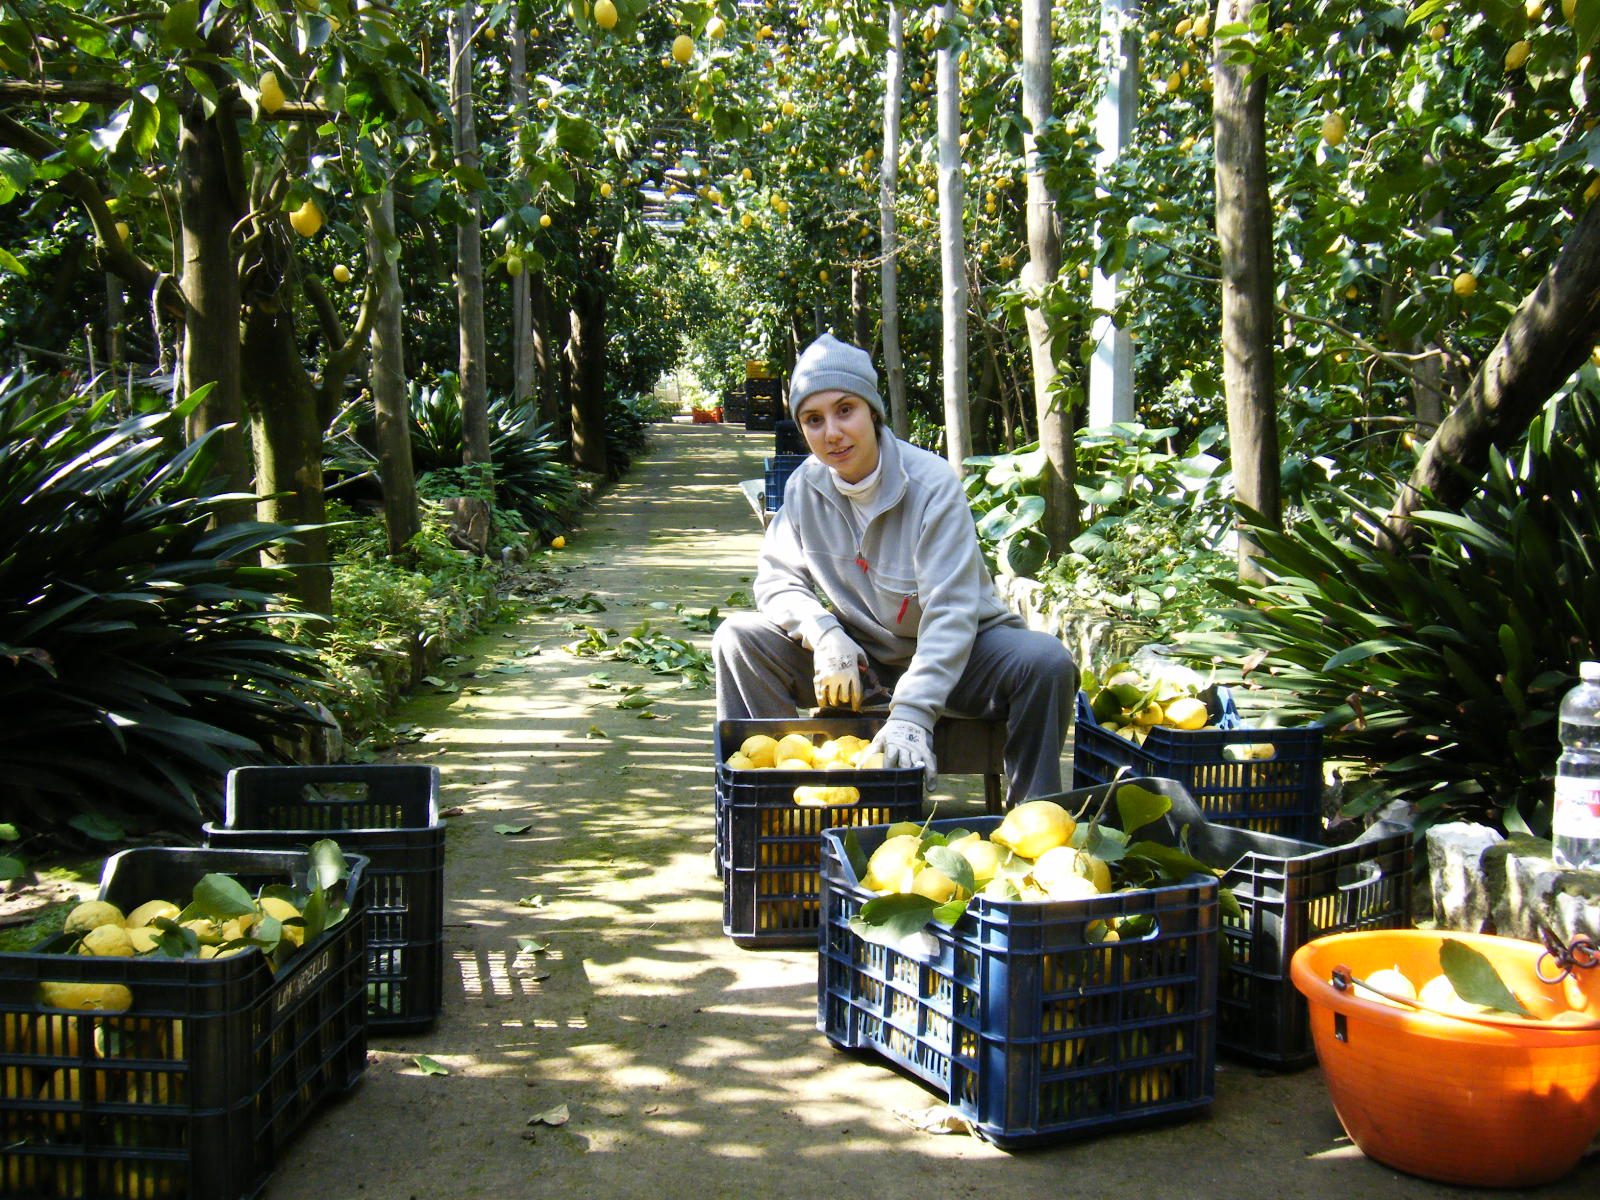 レモンの収穫は一つ一つ手摘みです。大切に育て上げられた無農薬レモン